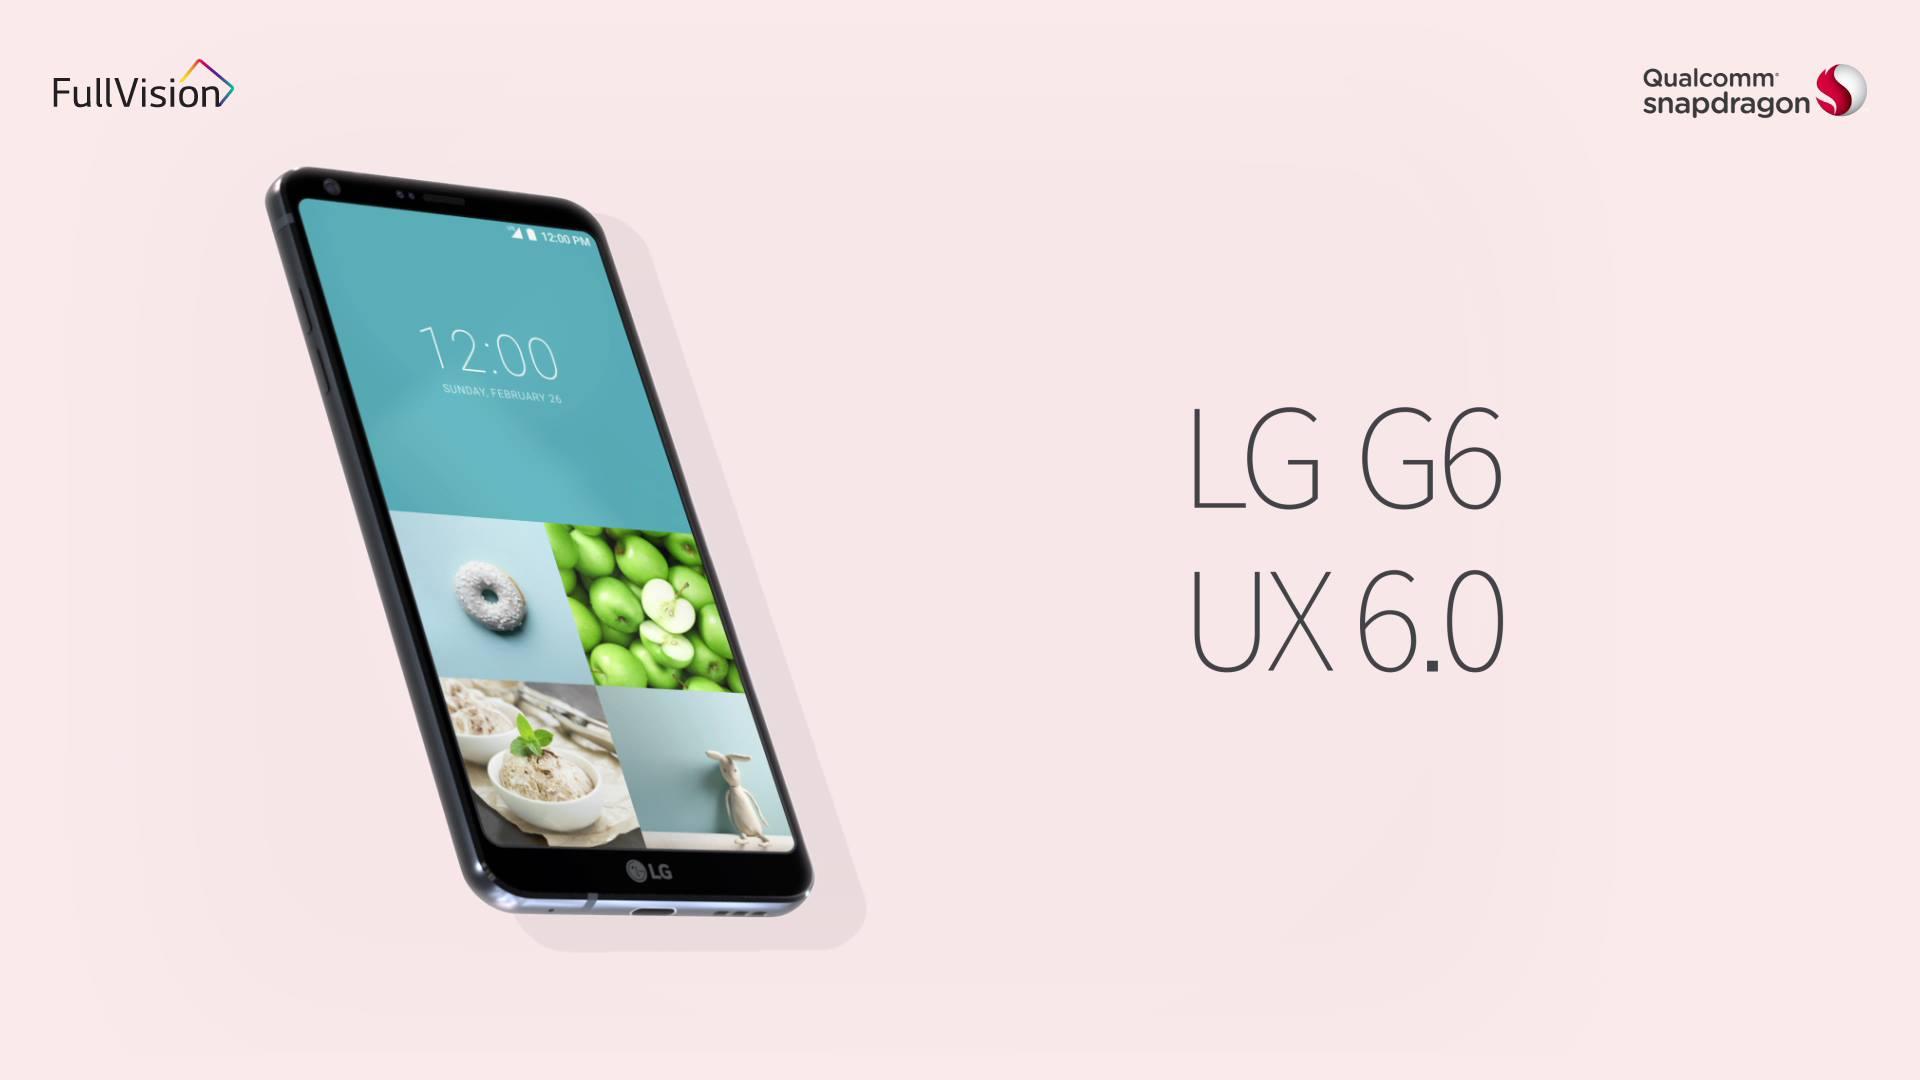 تماشا کنید: ویژگیهای رابط کاربری UX 6.0 الجی G6